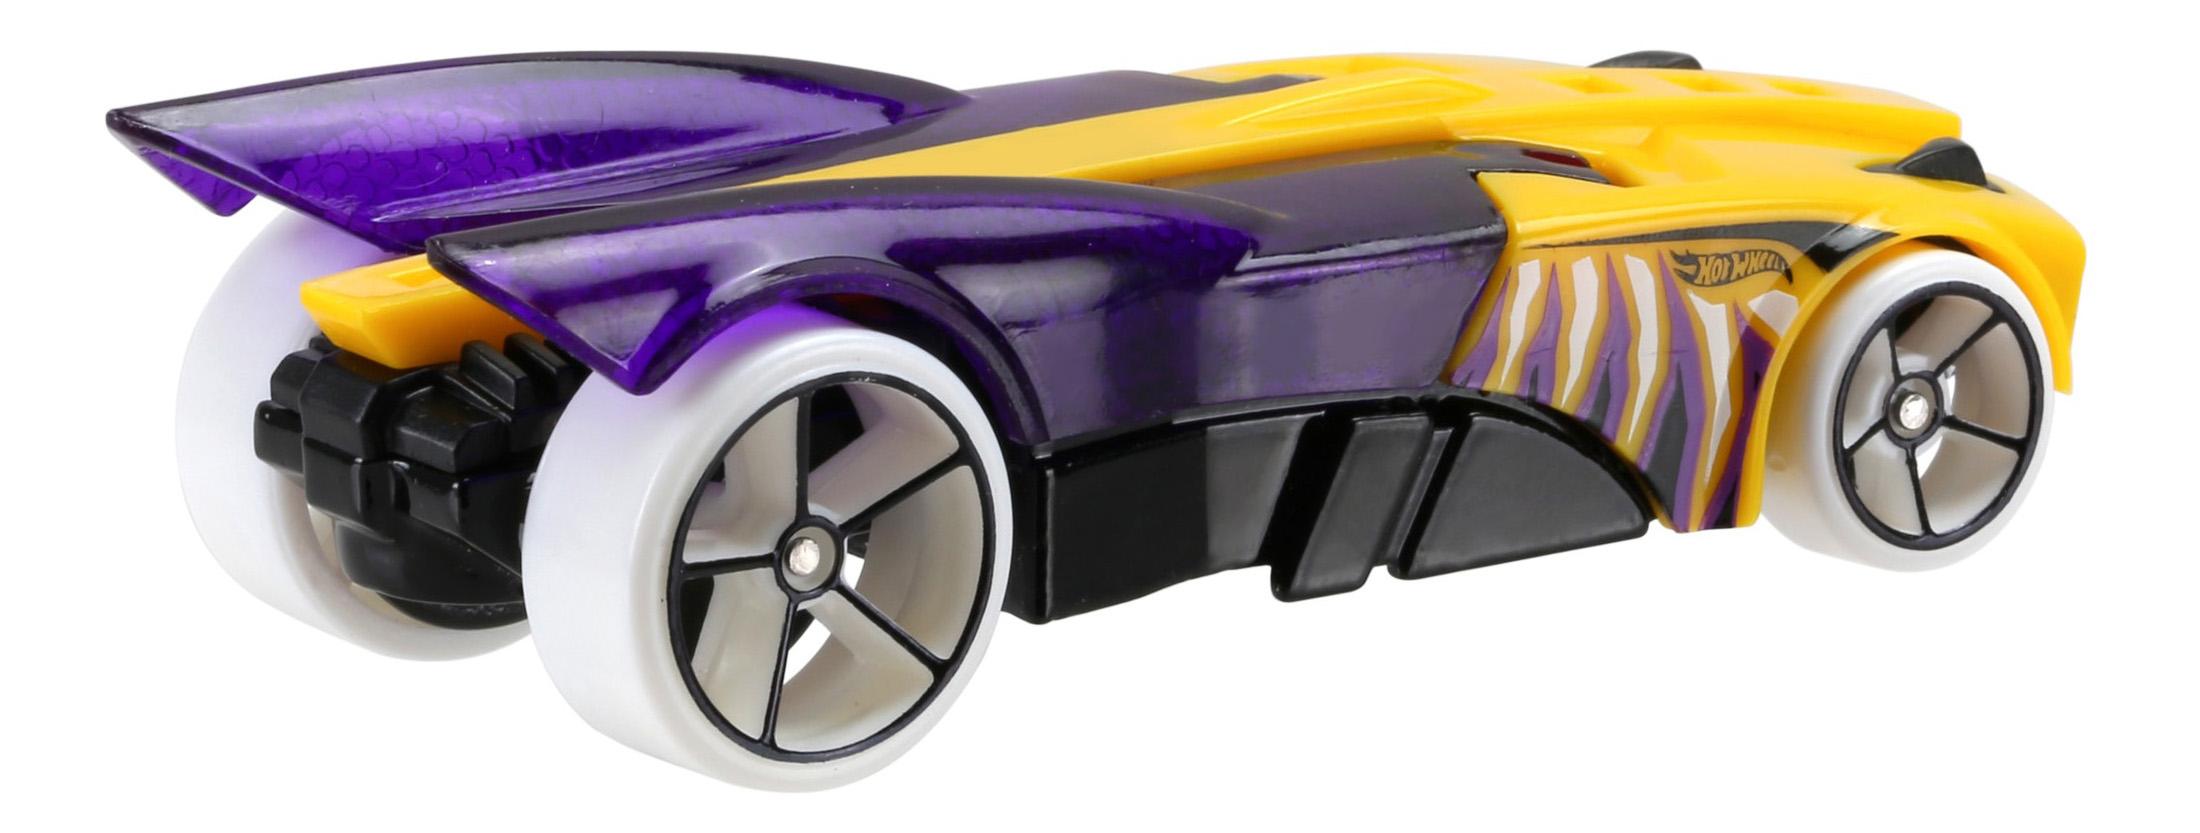 Купить Набор пластиковых машинок Hot Wheels 1806 DJD24, Mattel,